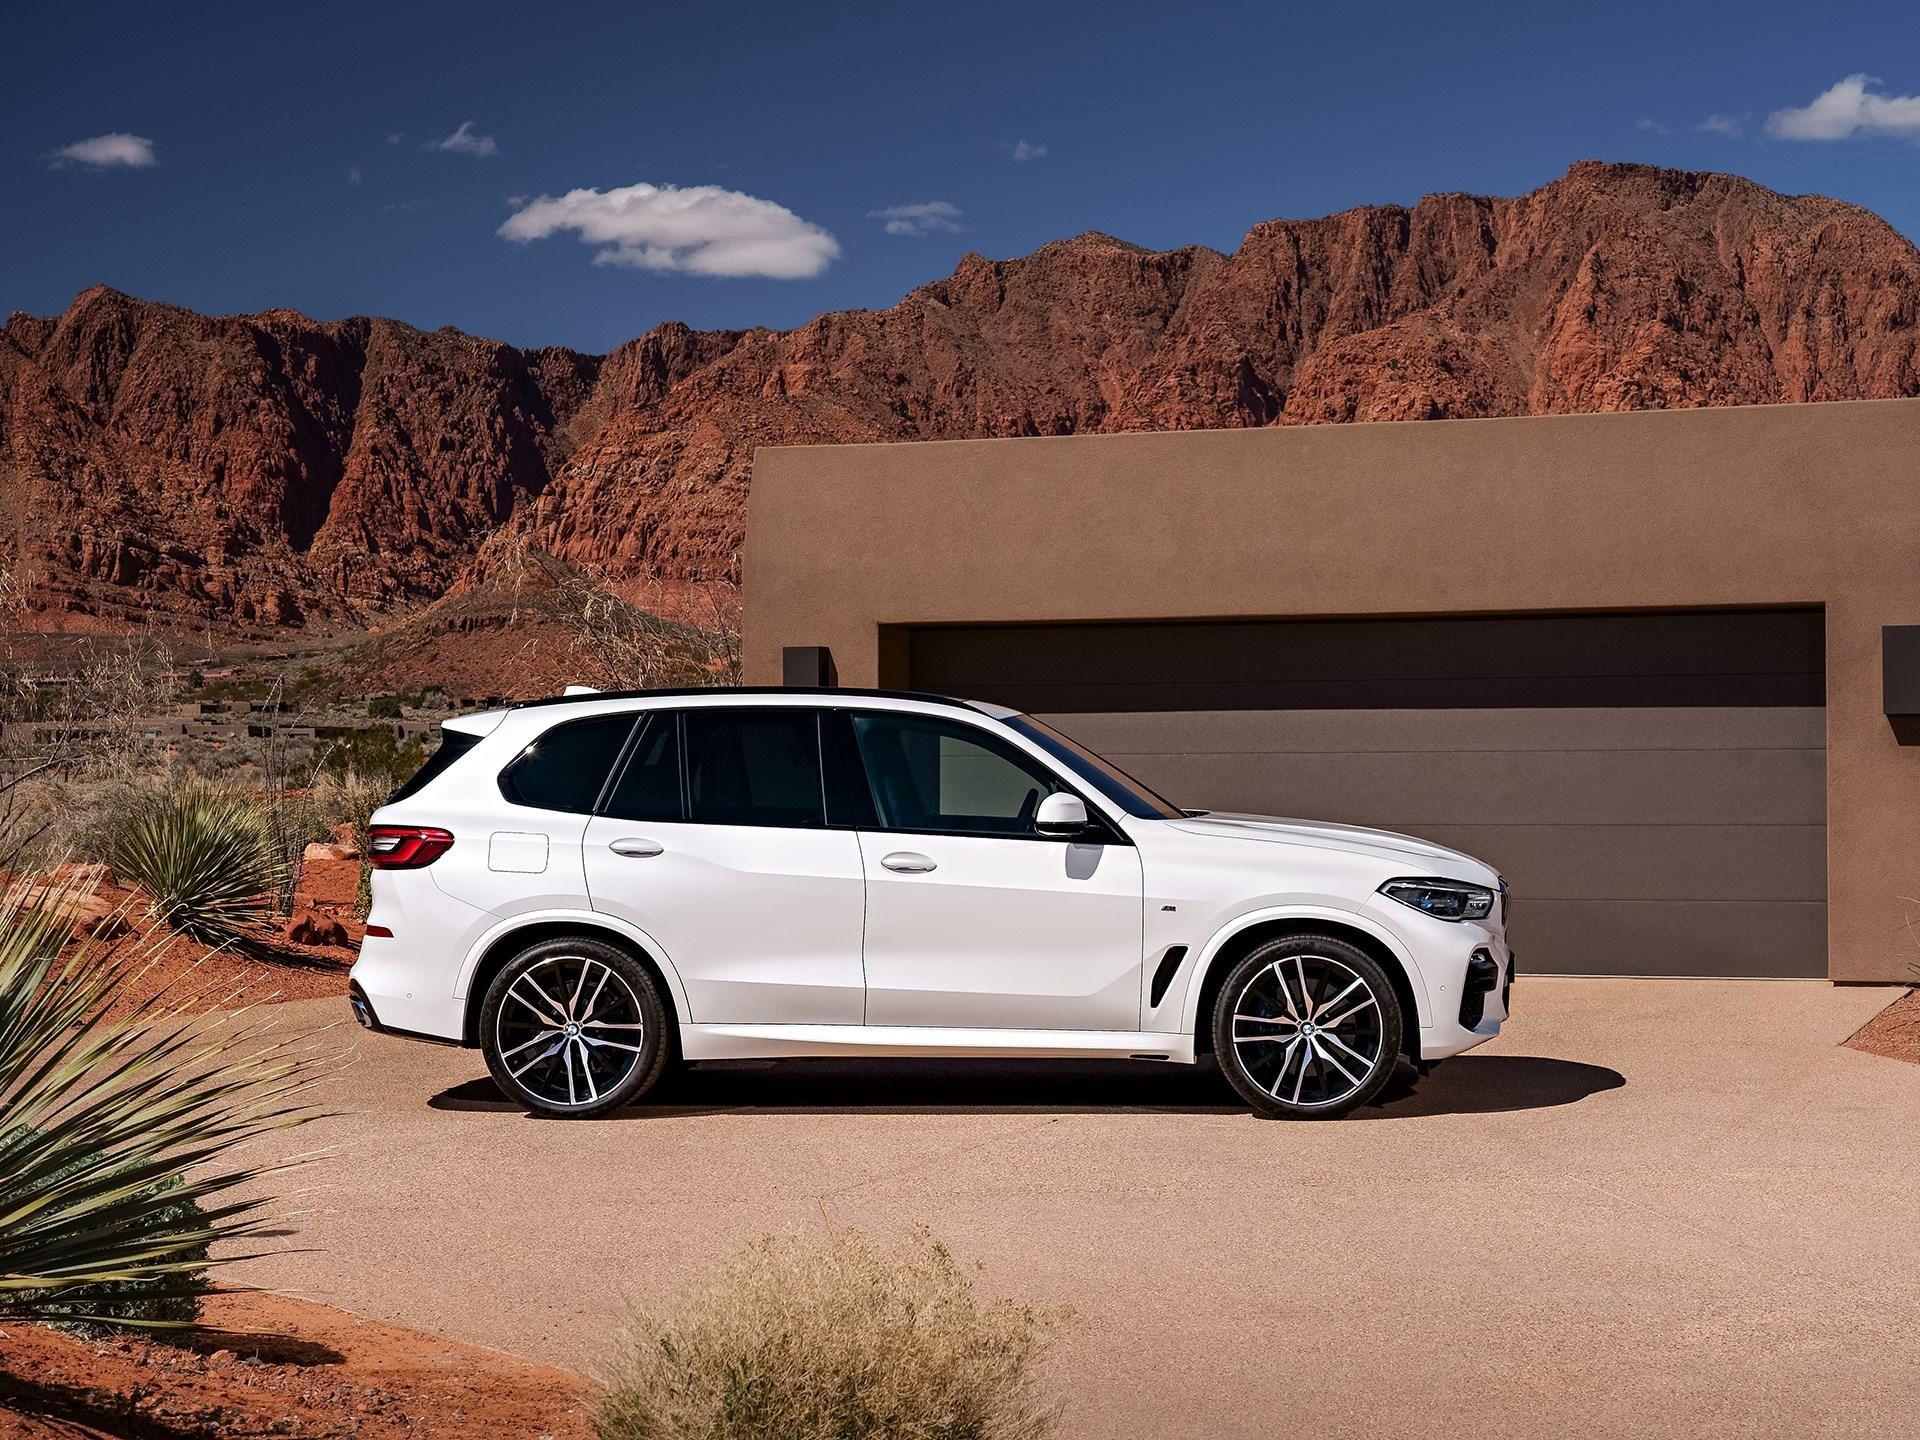 Bmw X5 Third Row >> BMW X5 G05 (2018): первая информация, фотографии и видео